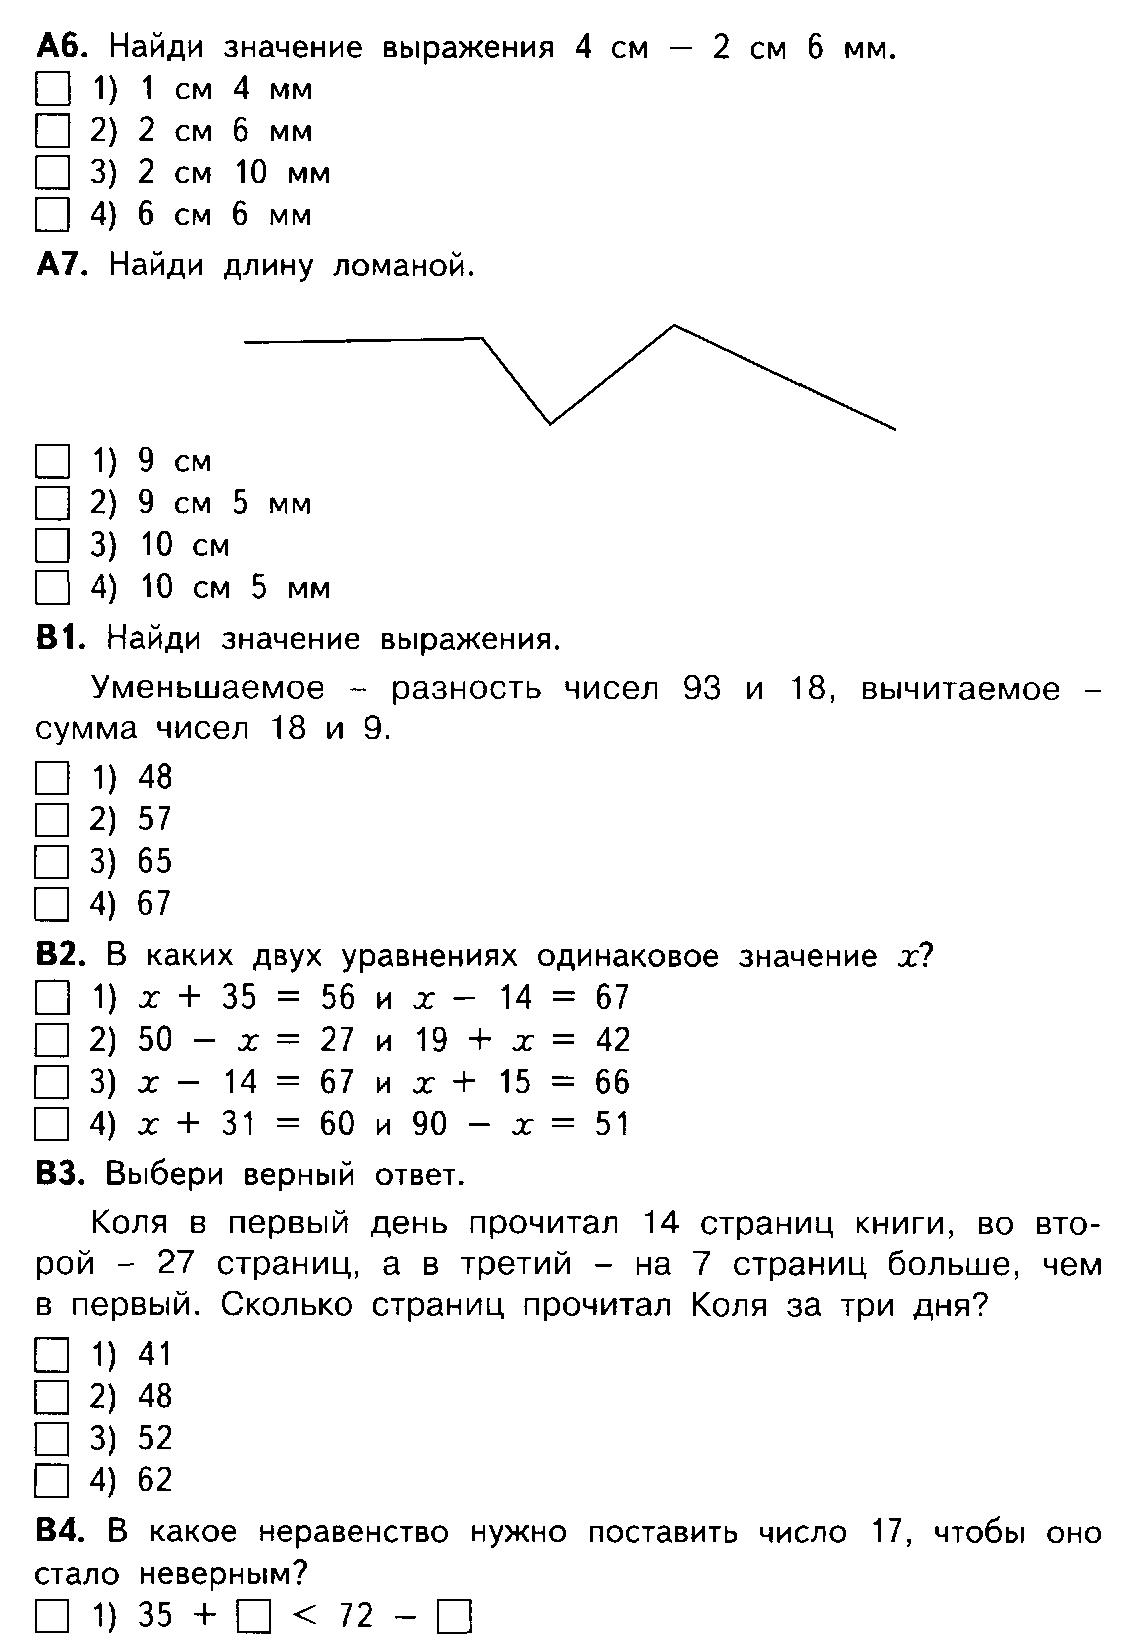 Ктп по математике 2 класс школа россии фгос с ууд